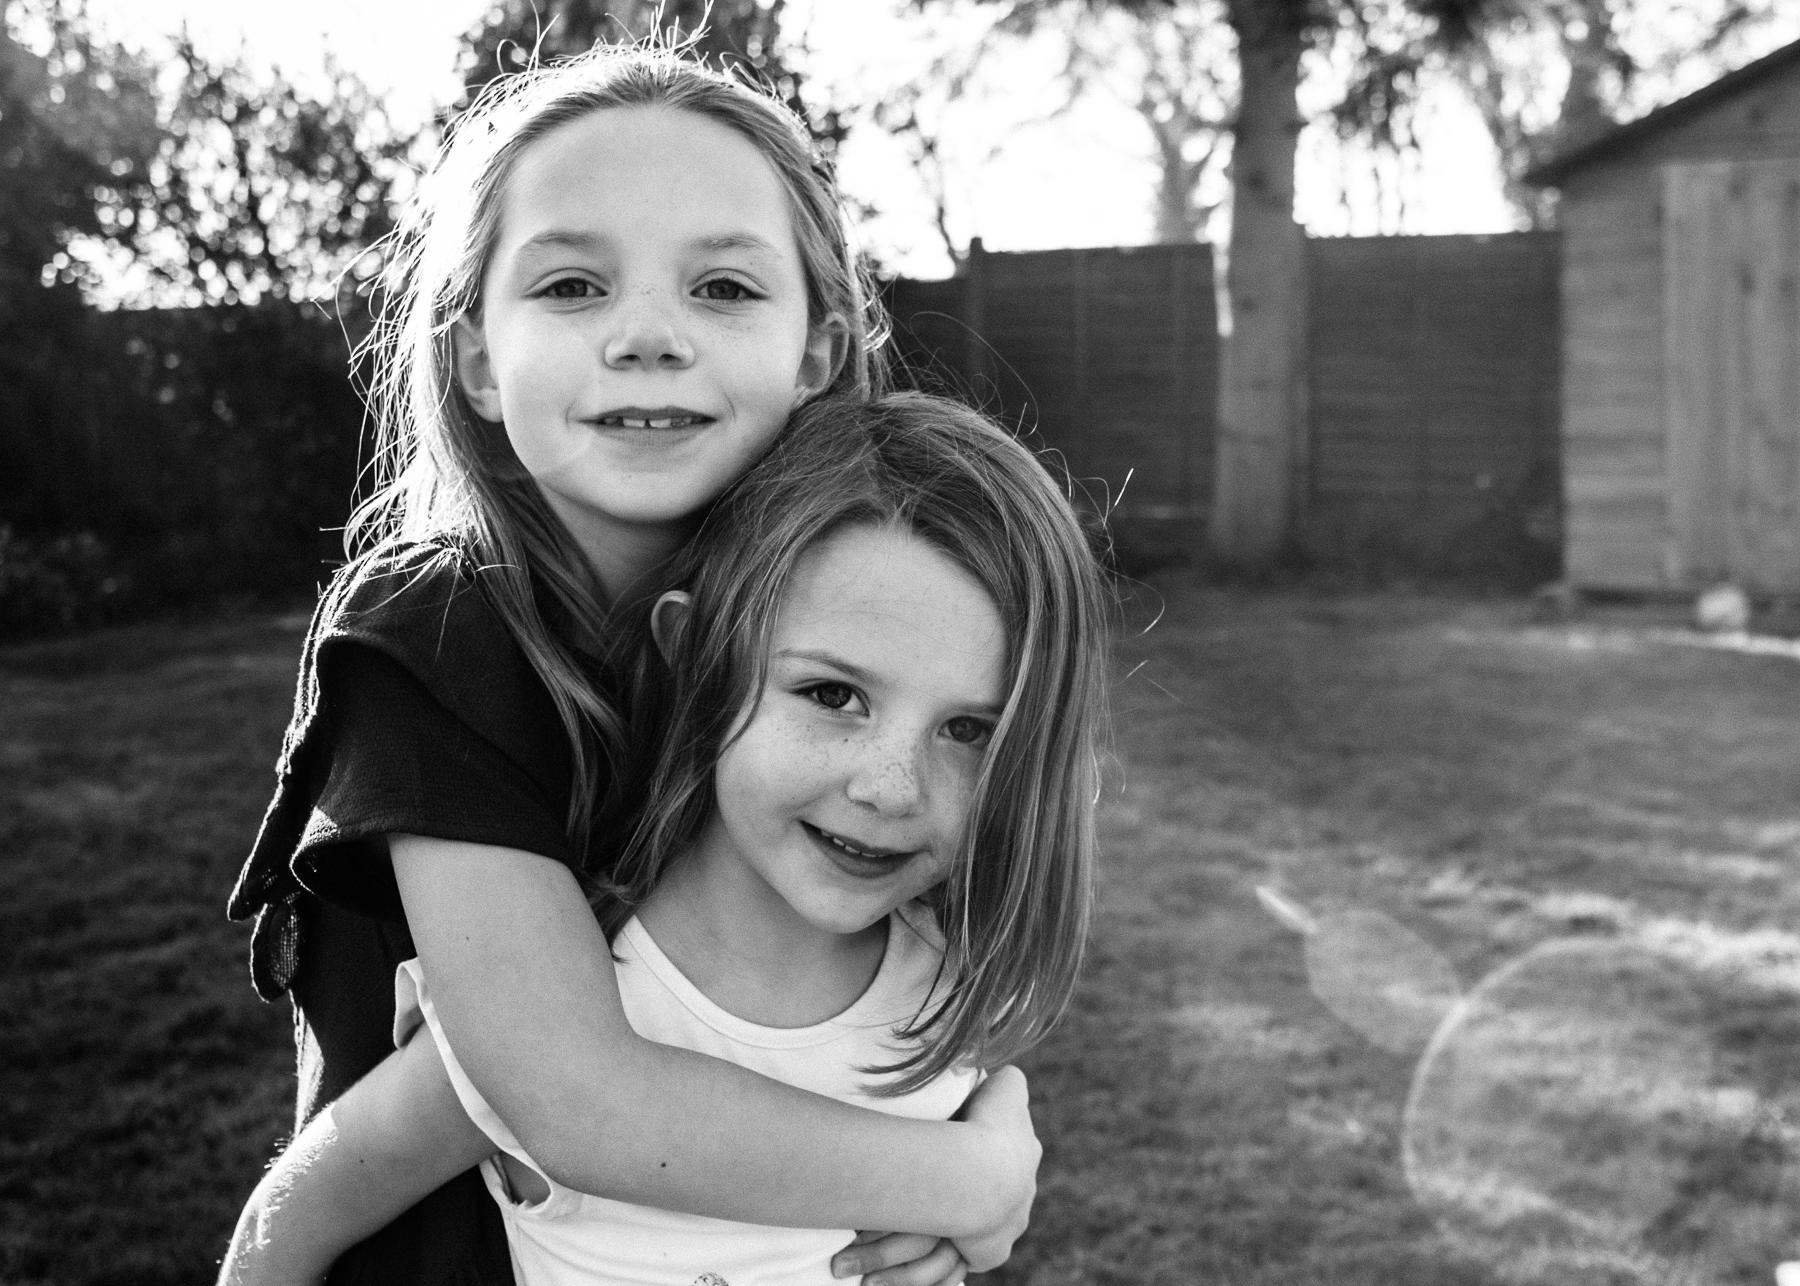 family-photographer-leighton-buzzard-1.jpg